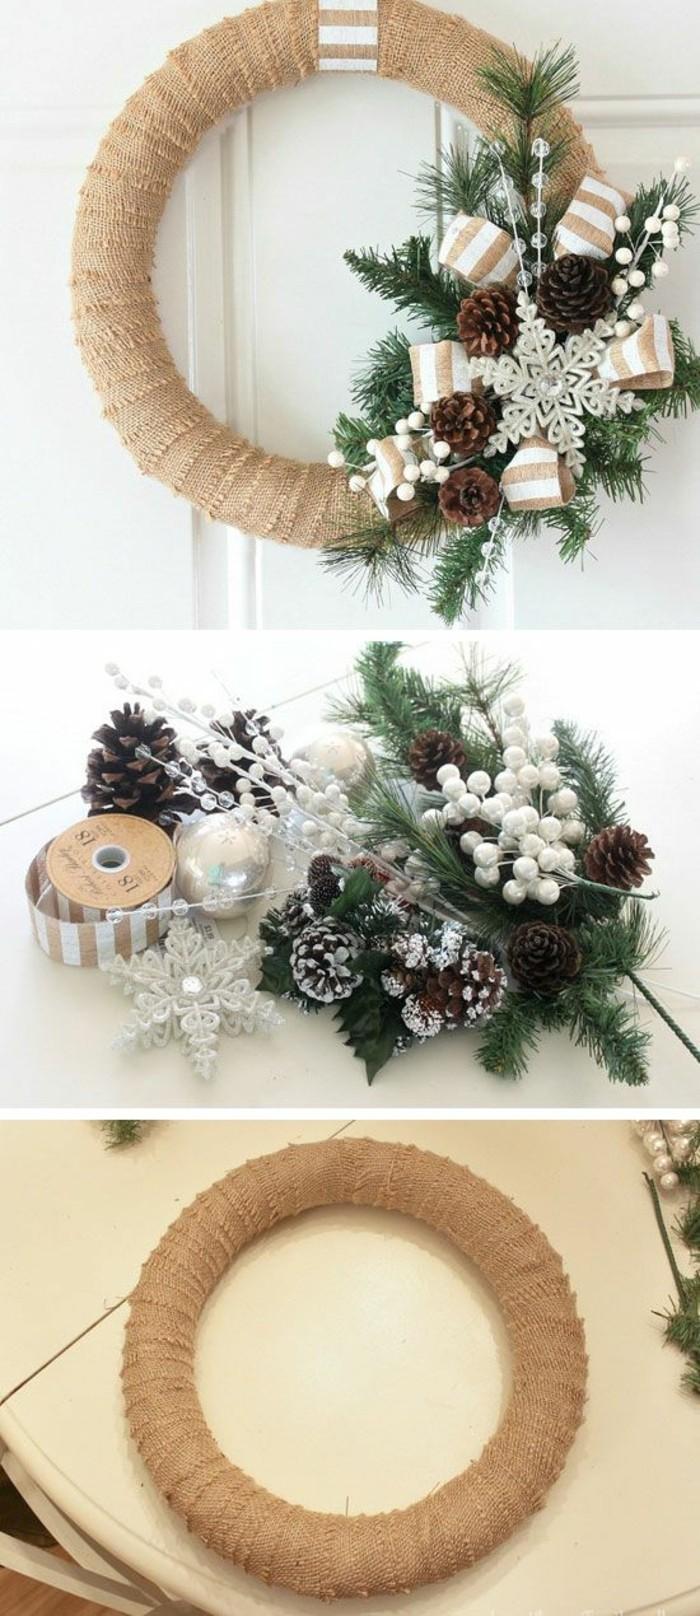 3-tuerkranz-weihnachten-beiger-weihnachtskranz-mit-zapfen-zweigen-schleife-in-beige-und-weiss